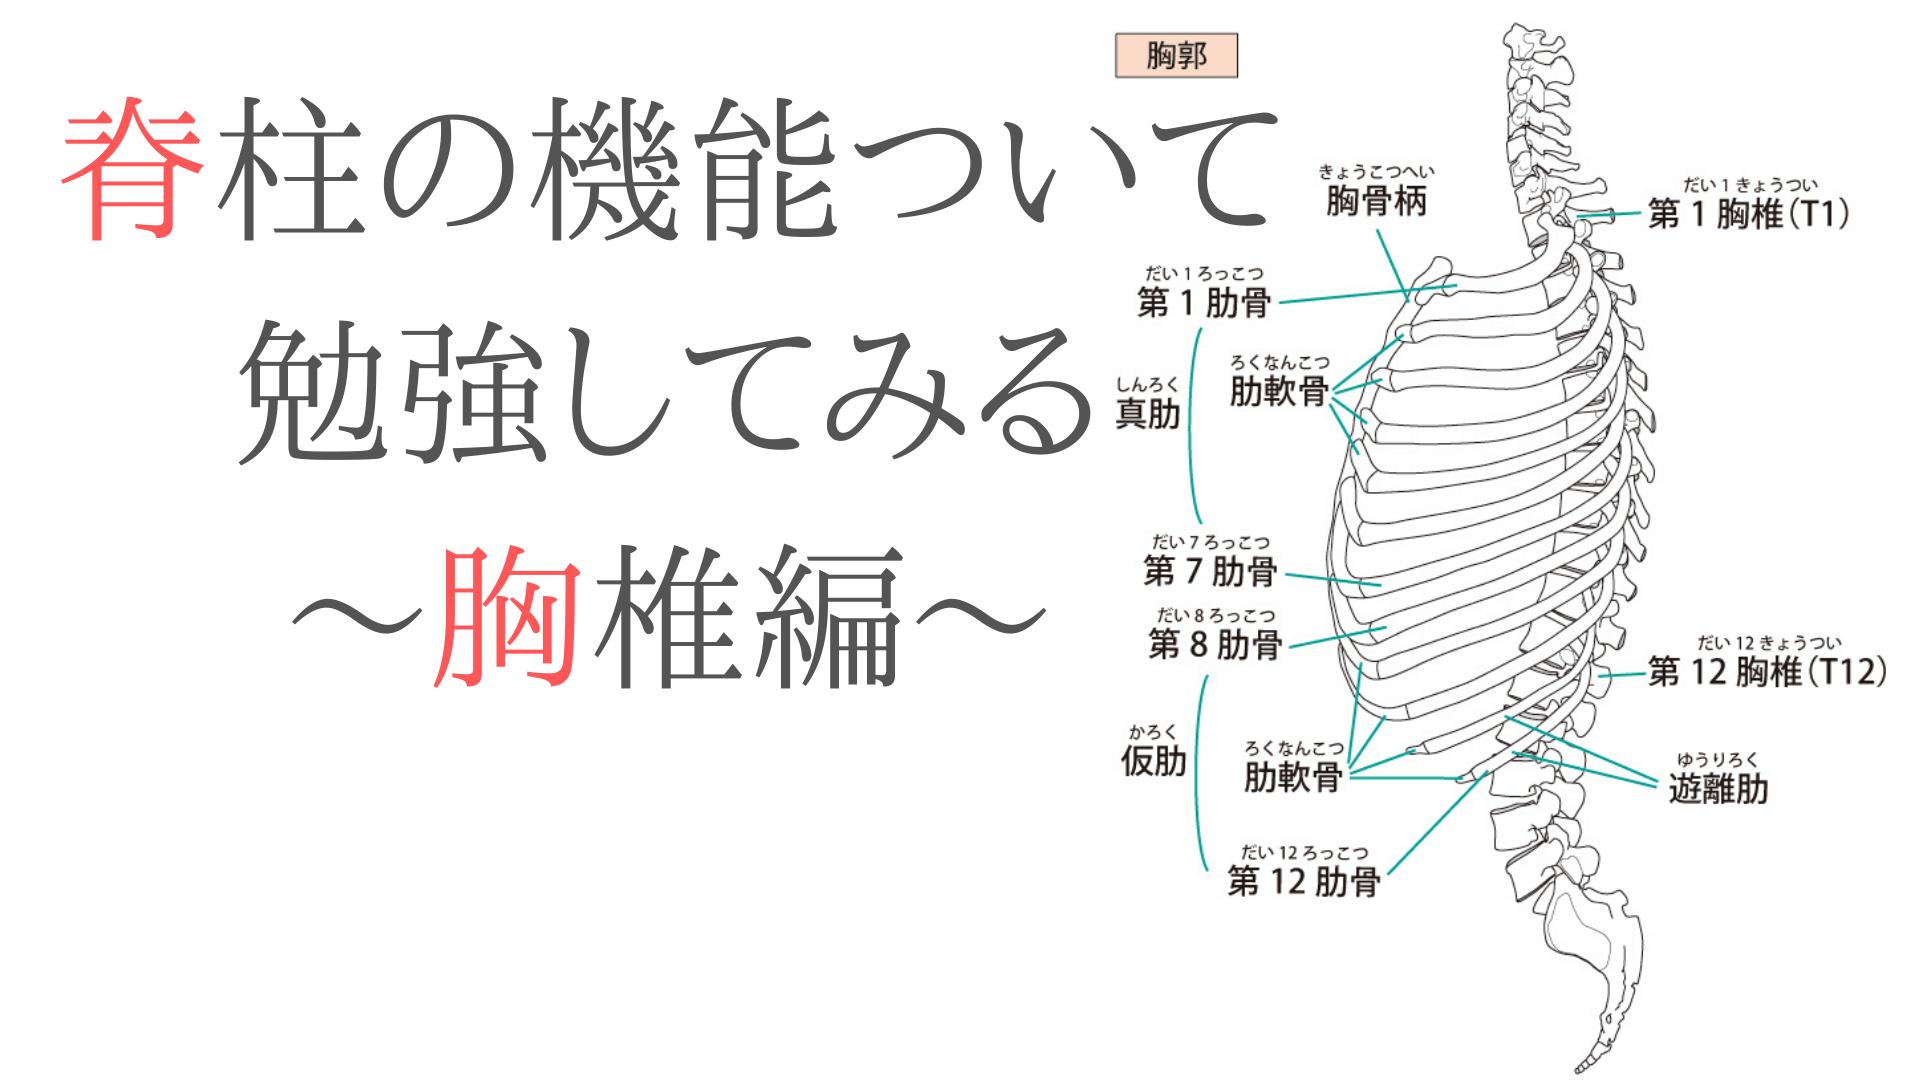 脊柱の機能ついて勉強してみる〜胸椎編〜